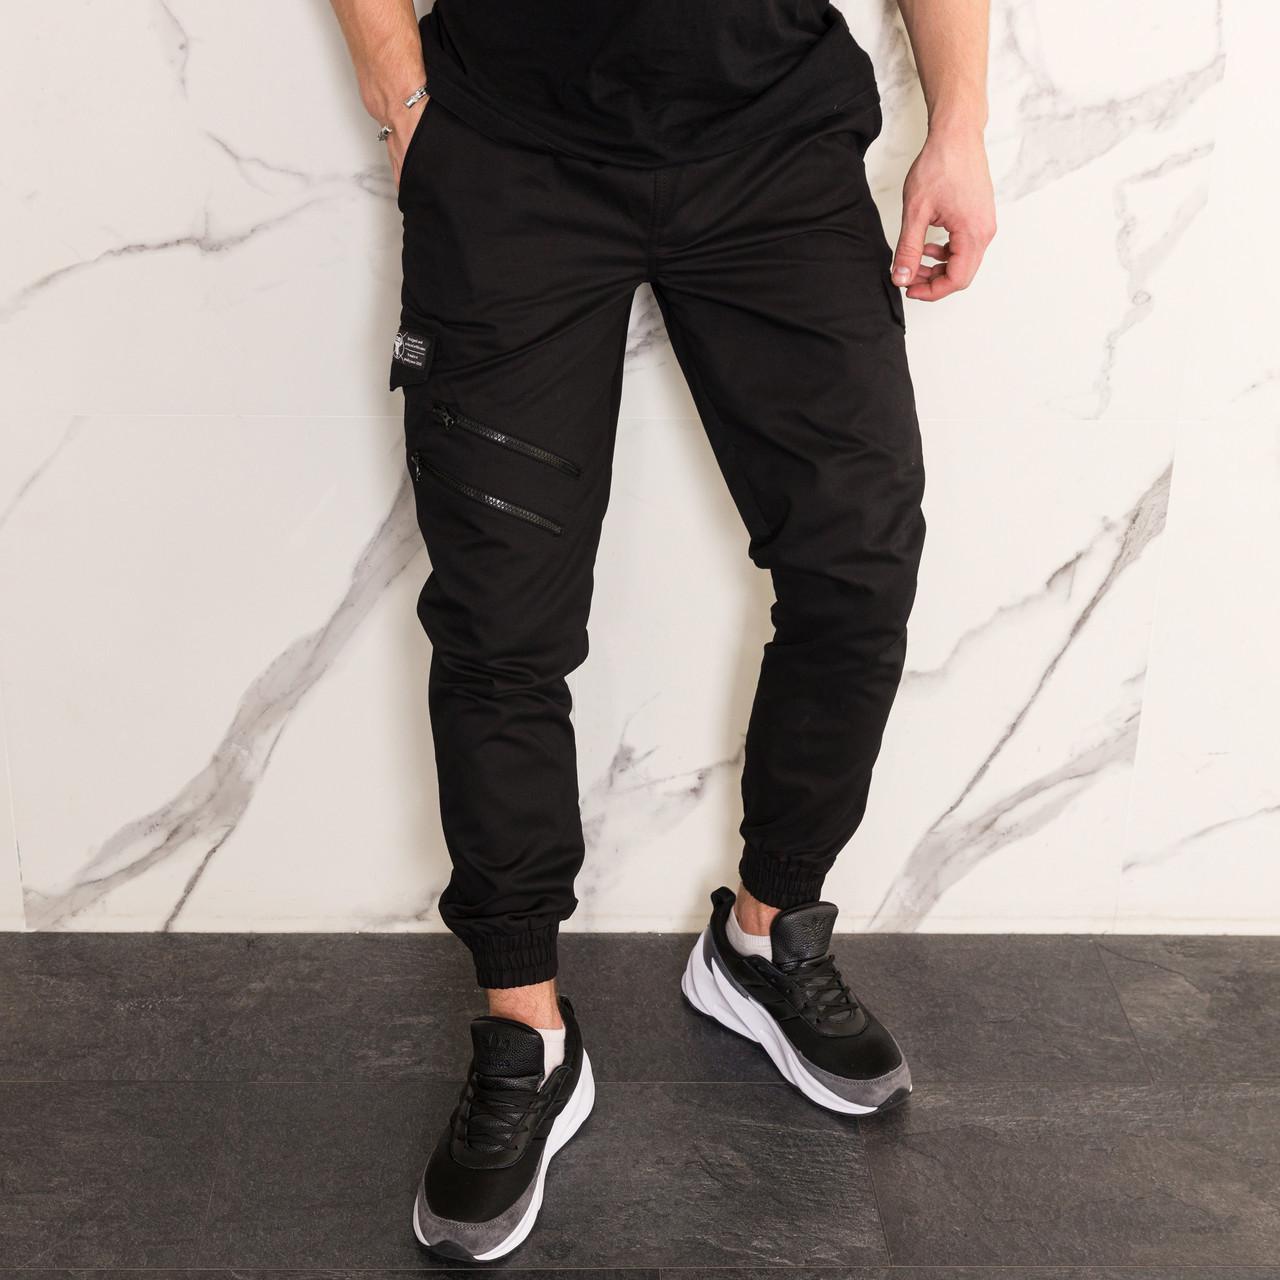 Штаны джоггеры карго мужские черные от бренда ТУР  модель Инк (Ink)